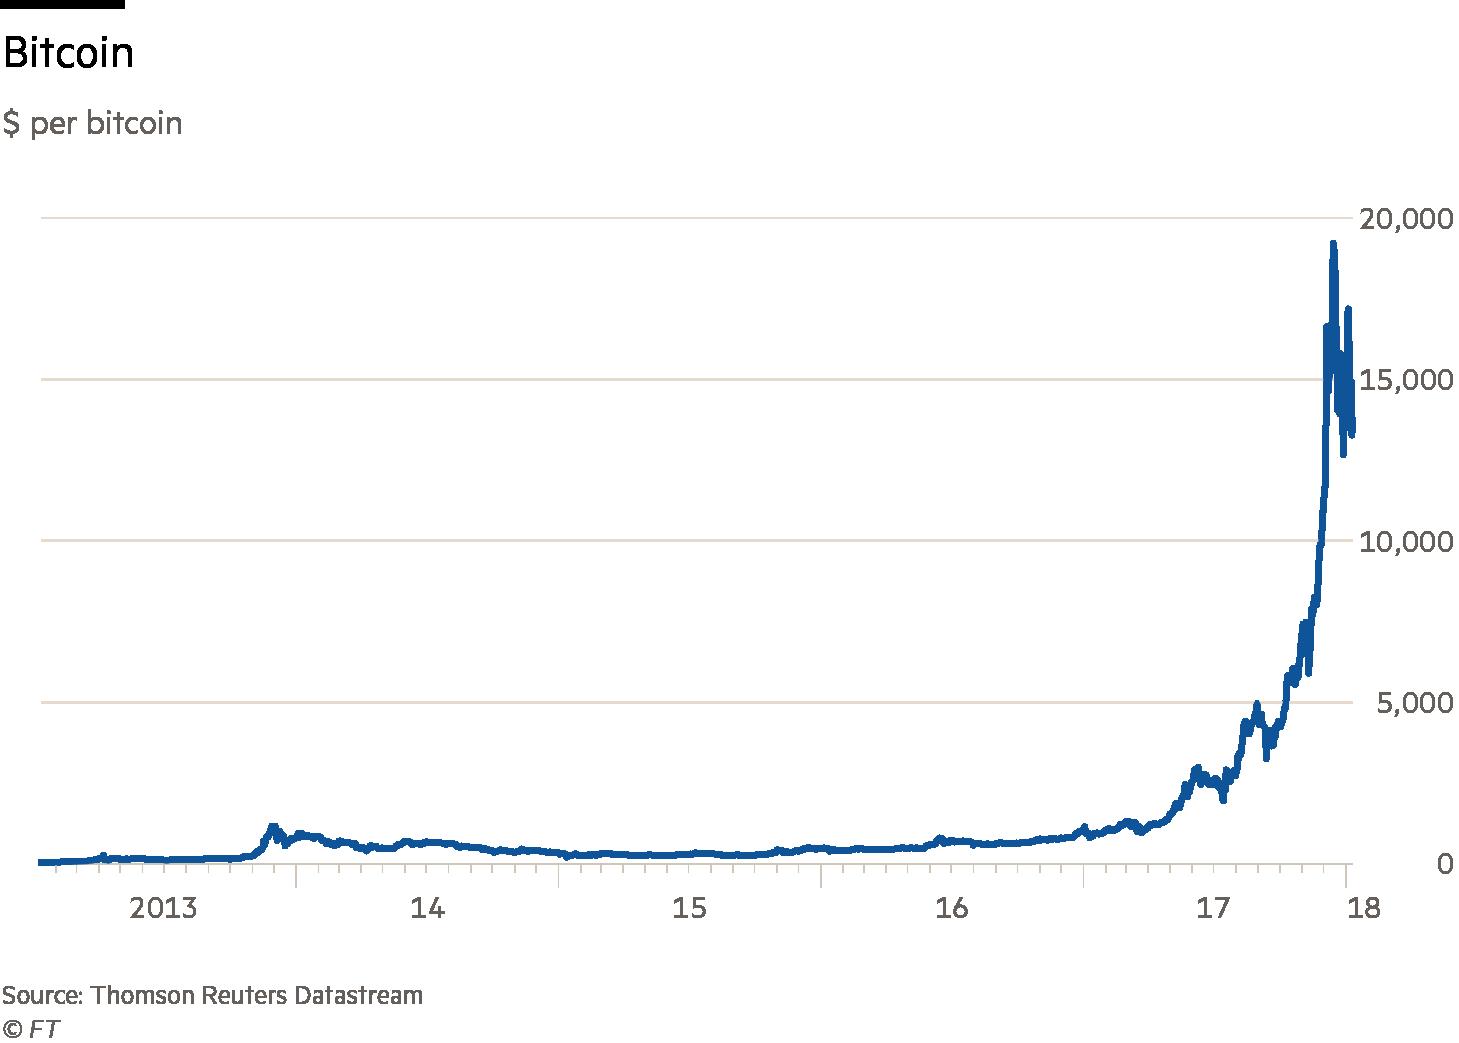 Chart showing dollar per bitcoin